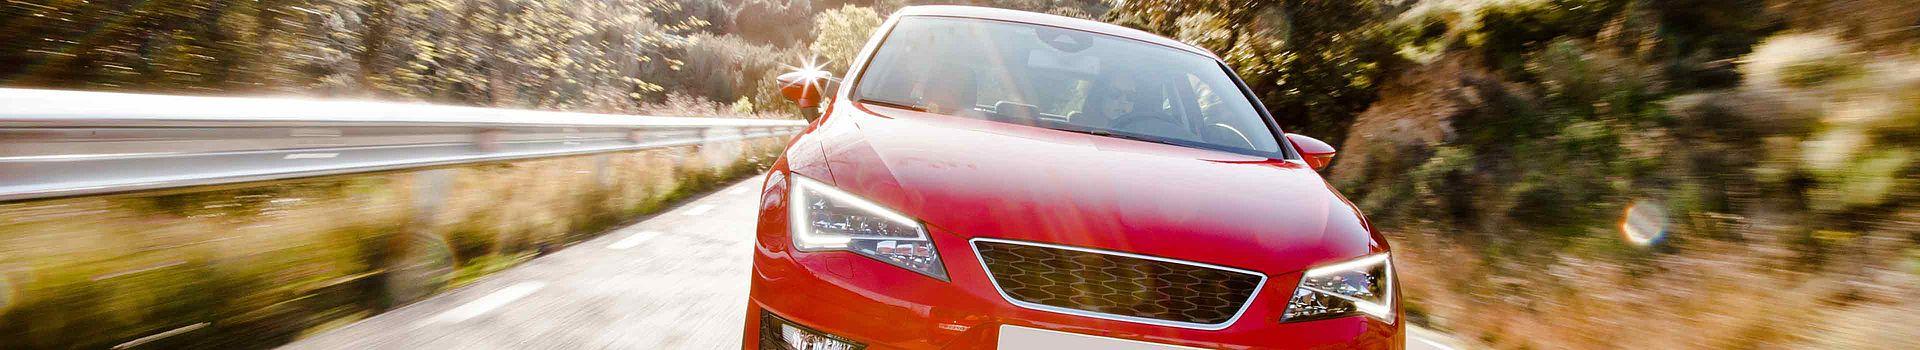 Visual zu den Einsatzbereichen Auto: Rotes Auto in Frontansicht und voller Fahrt.